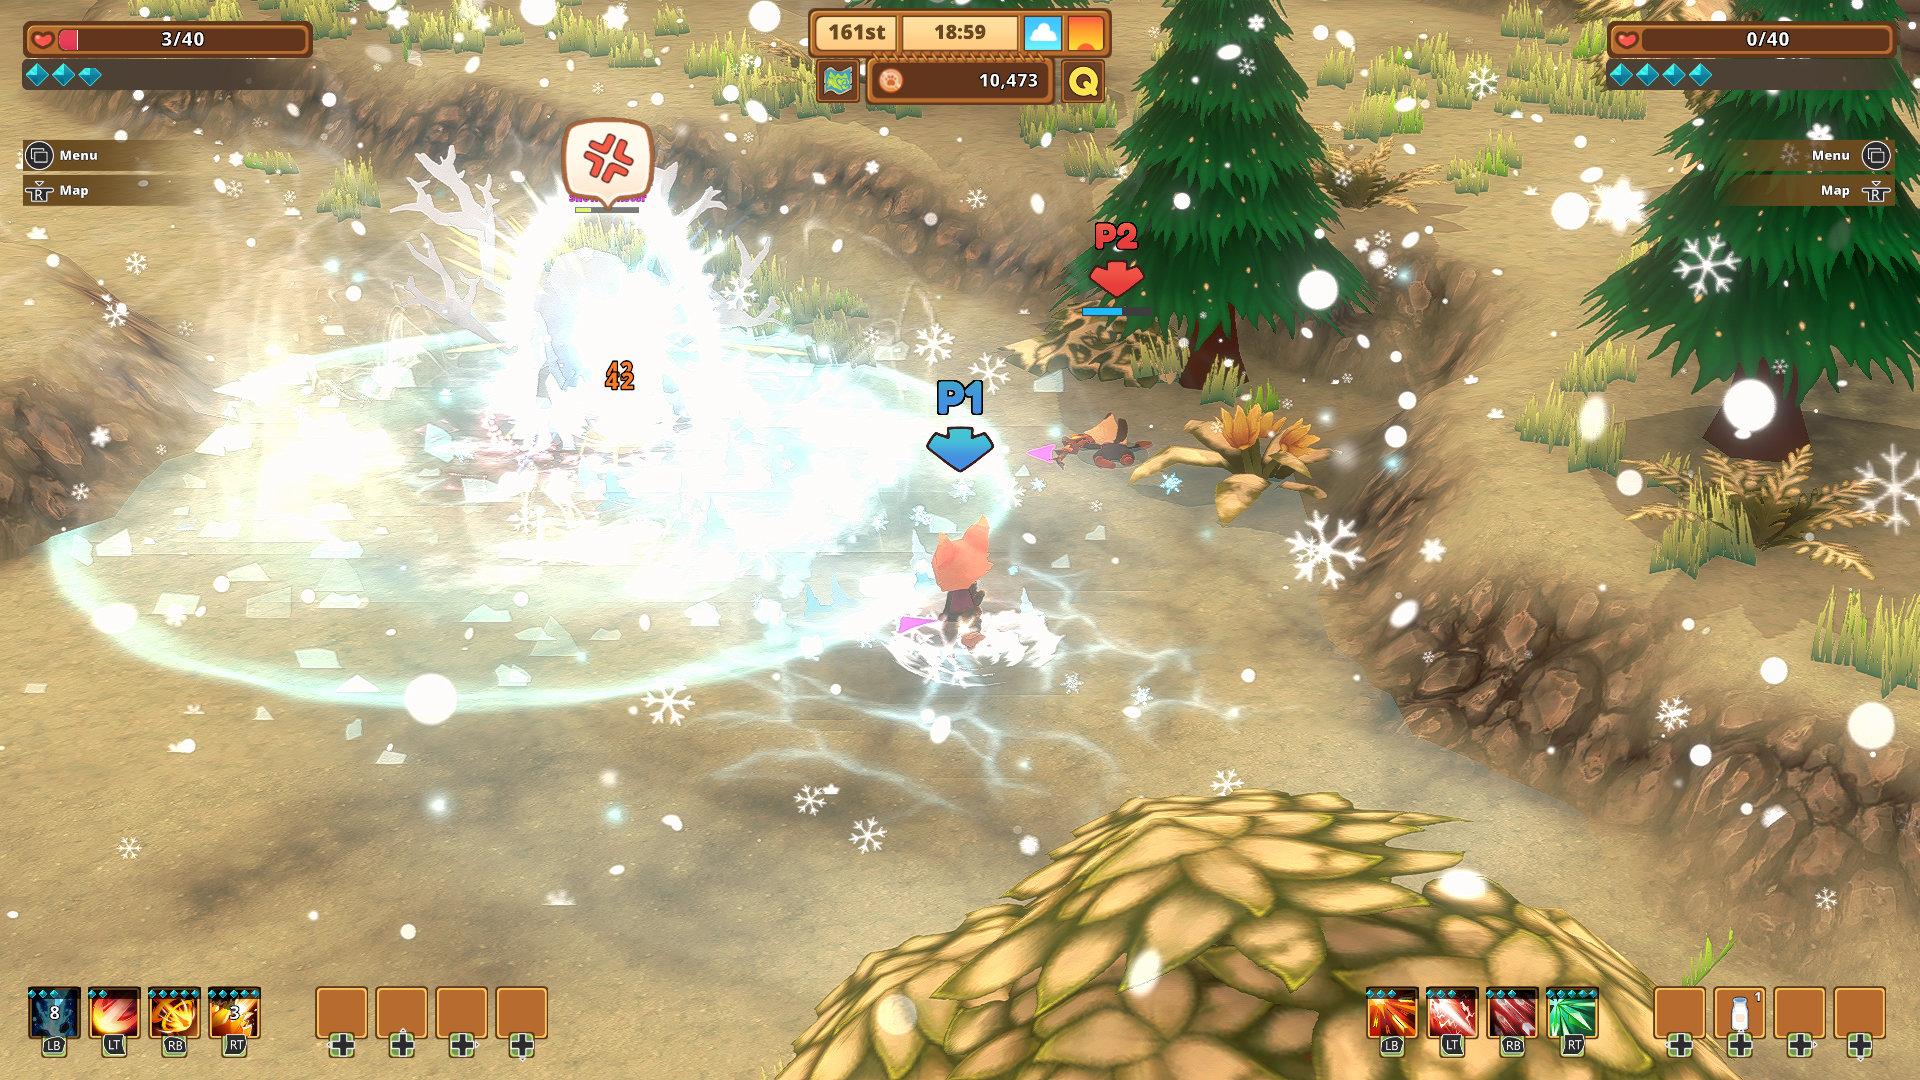 Kitaria Fables screenshot of combat